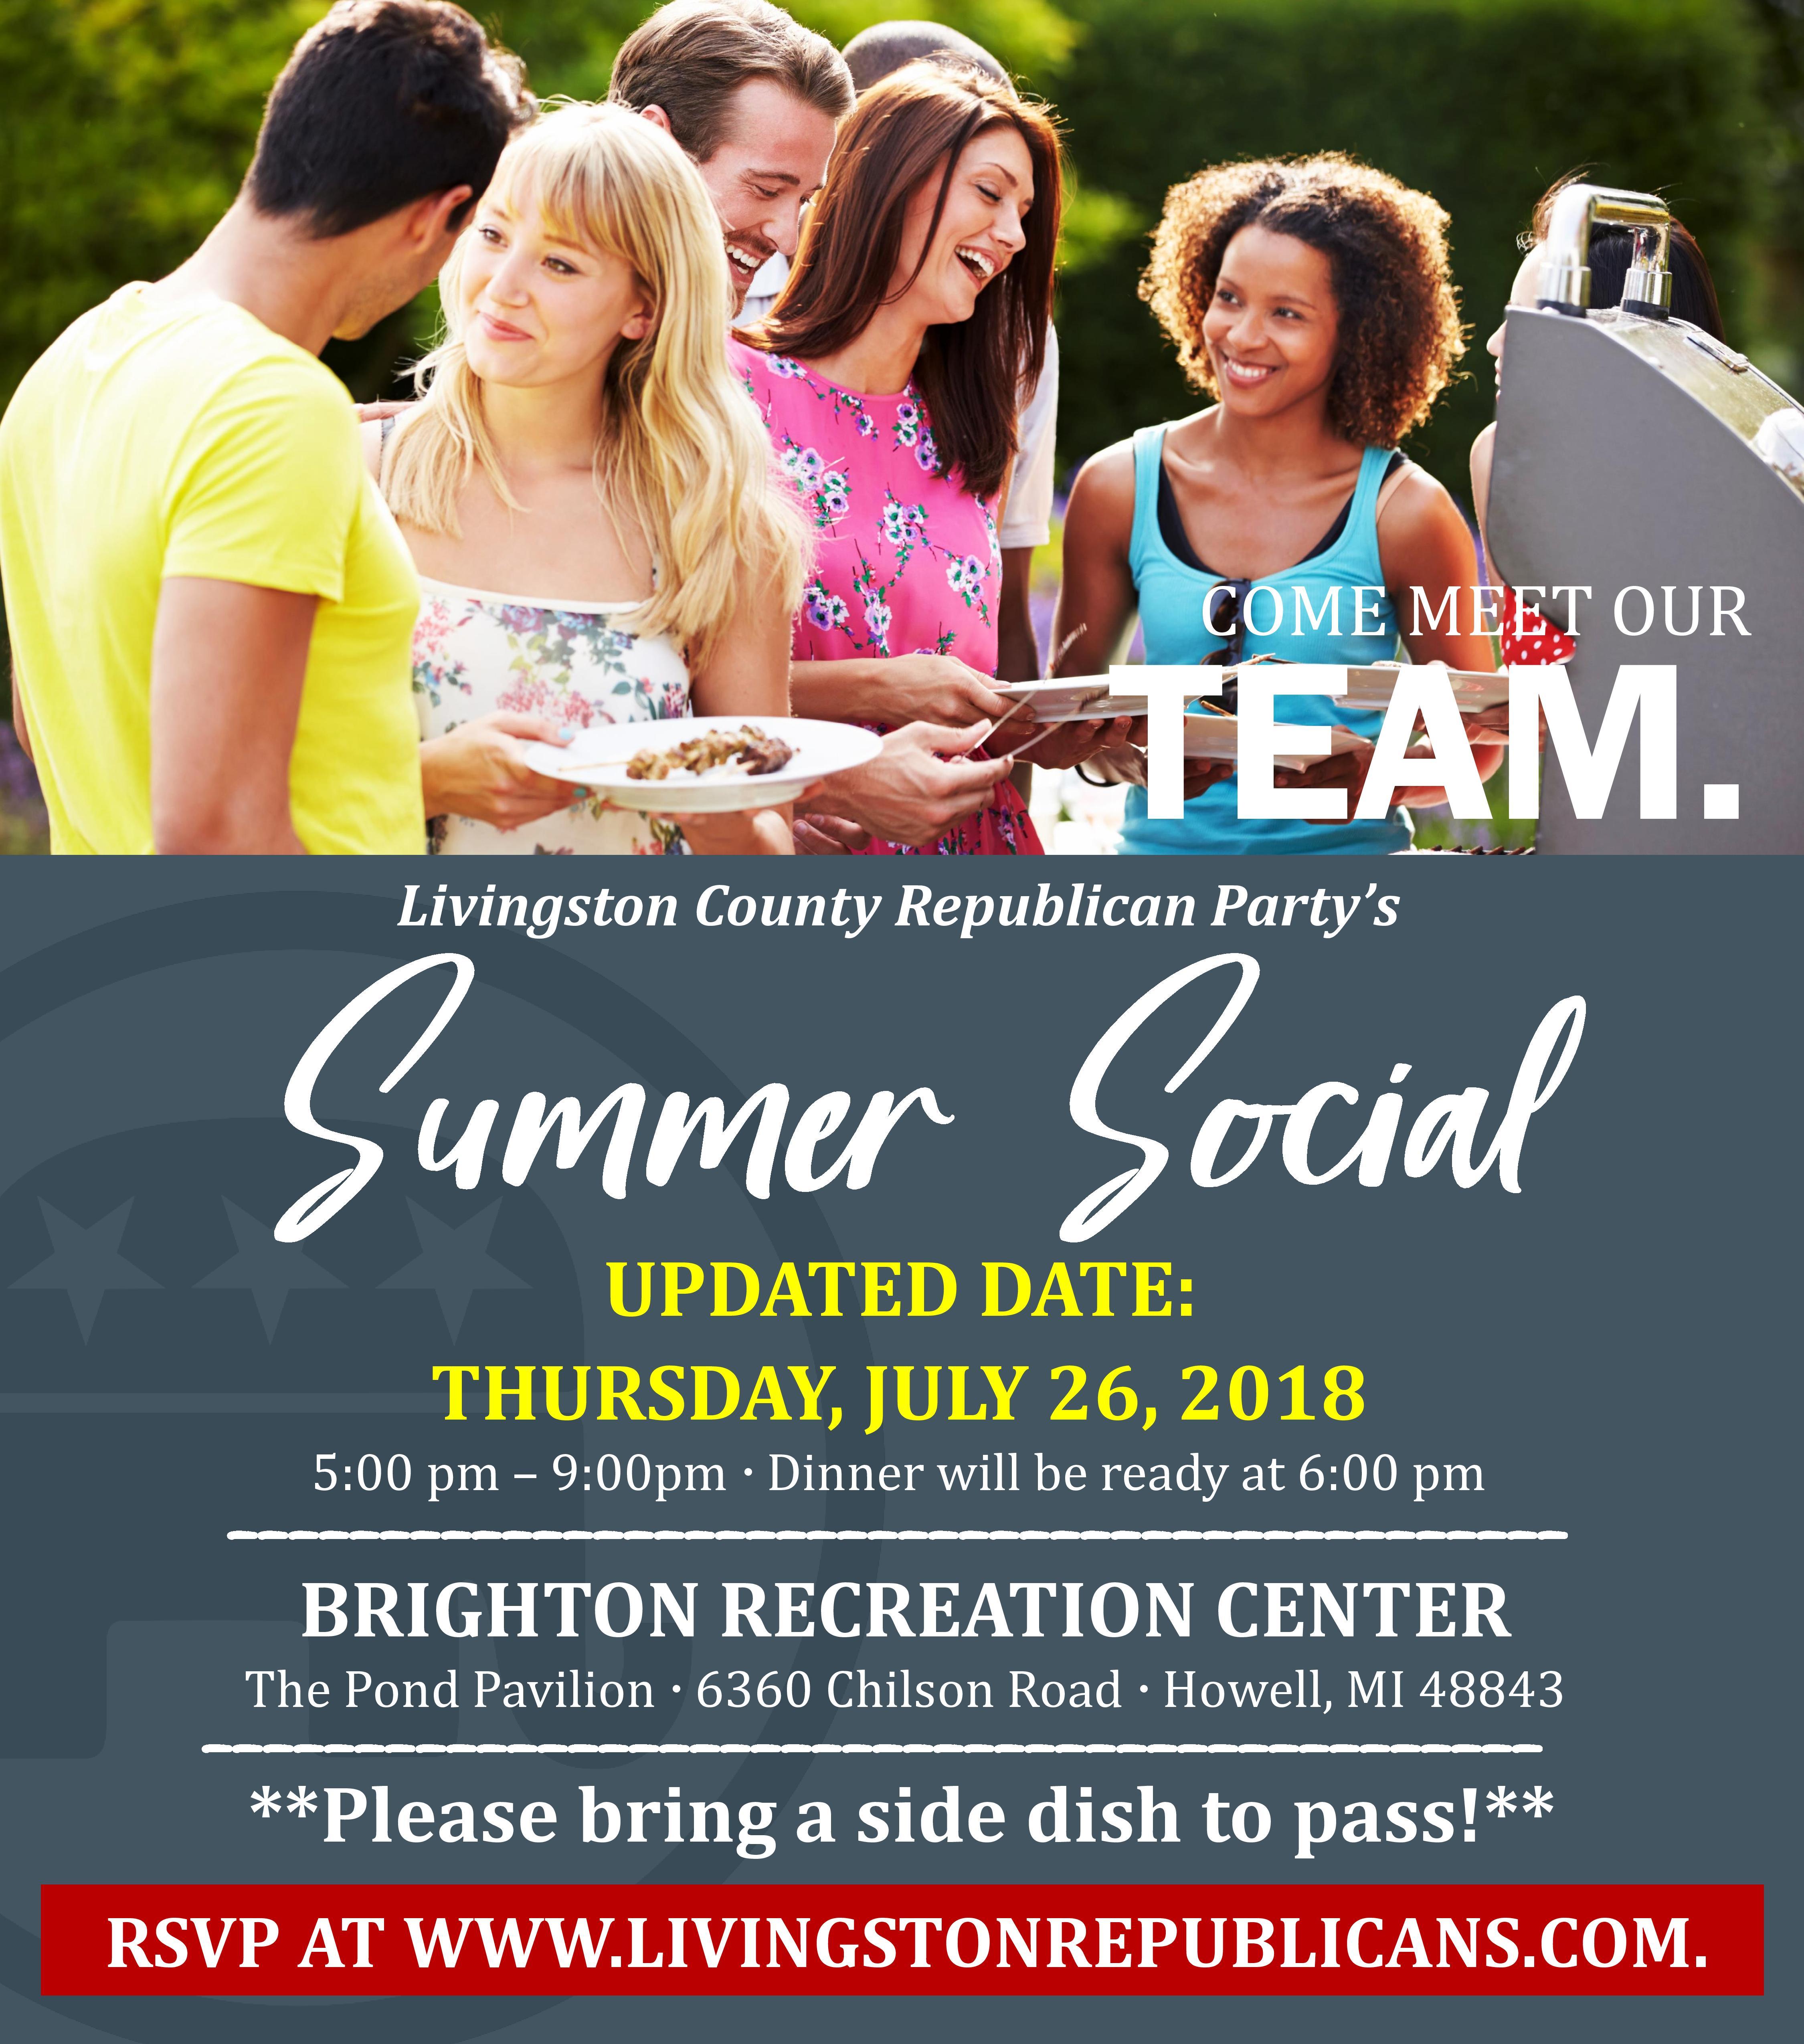 Summer_Social_Update-page-001.jpg